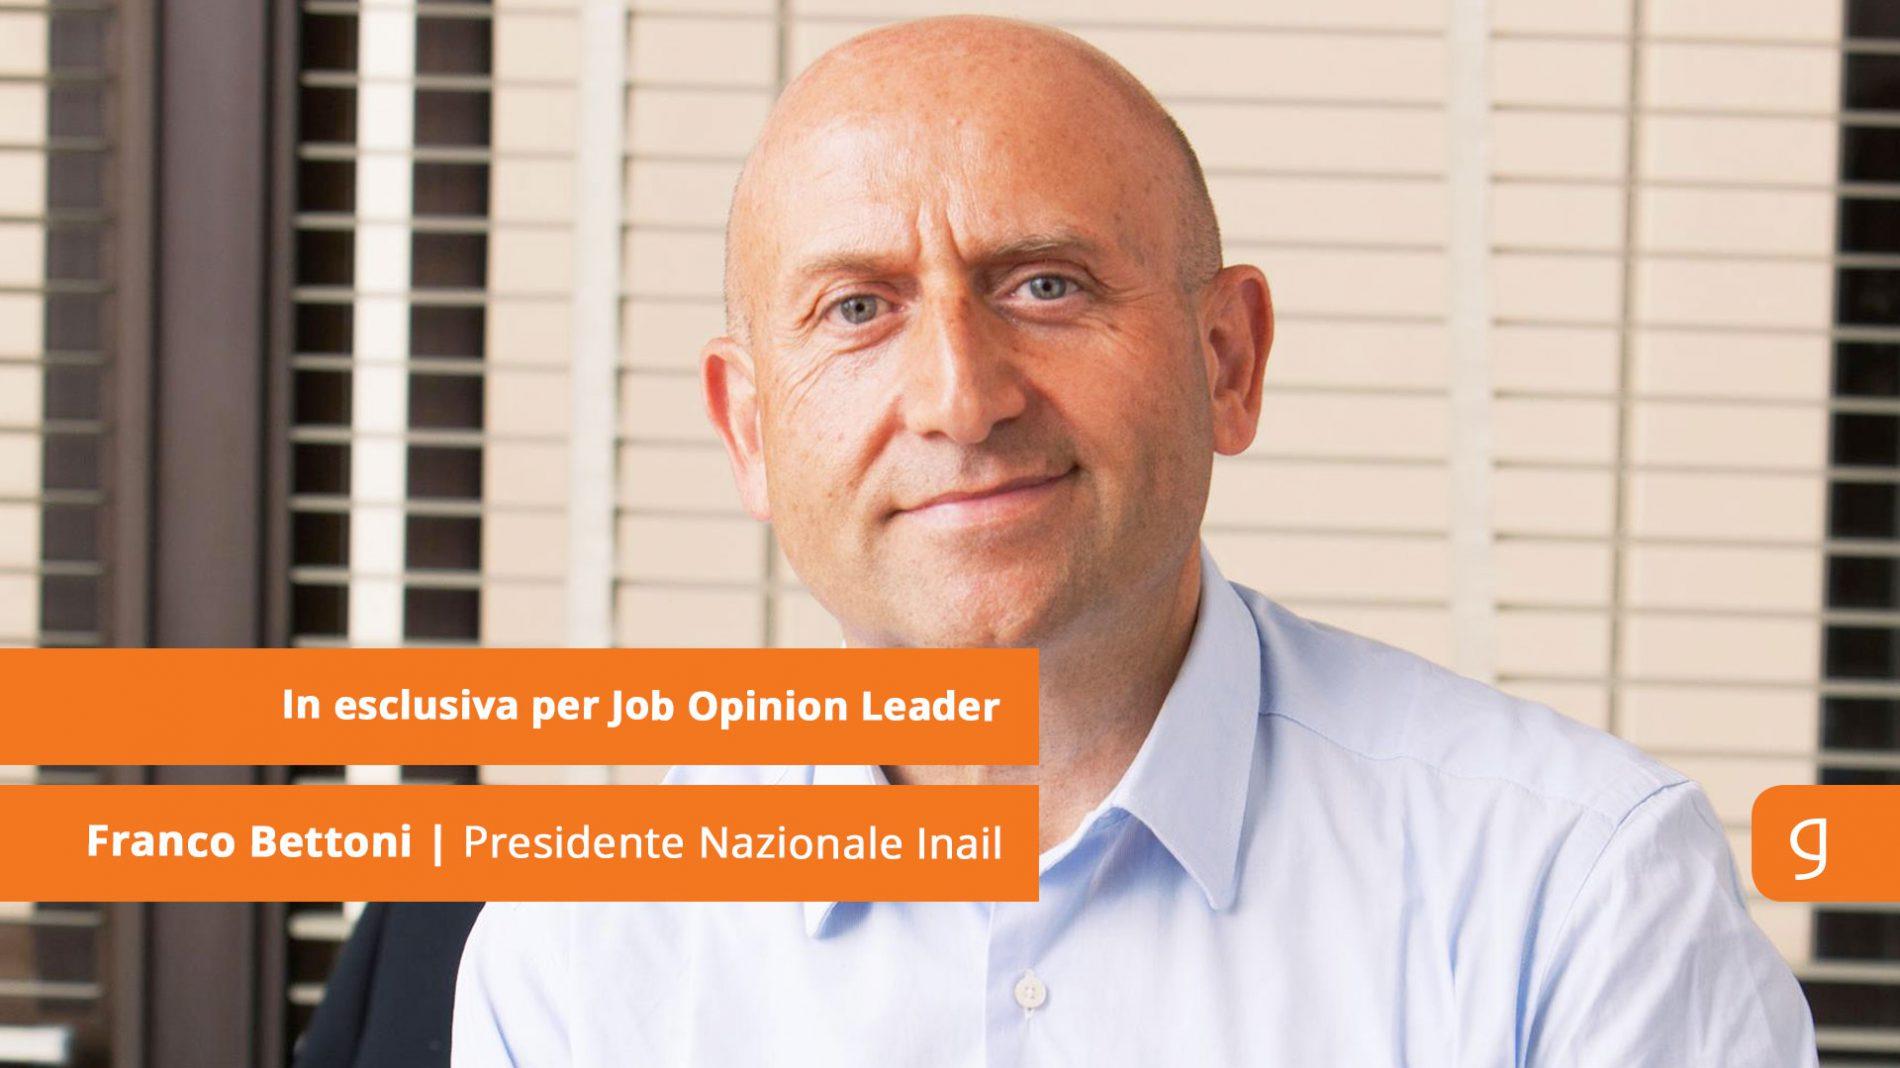 """A tu per tu con Franco Bettoni (Pres. INAIL), in esclusiva per Jol: """"Abbiamo il compito di garantire una tutela completa per il lavoratore"""""""